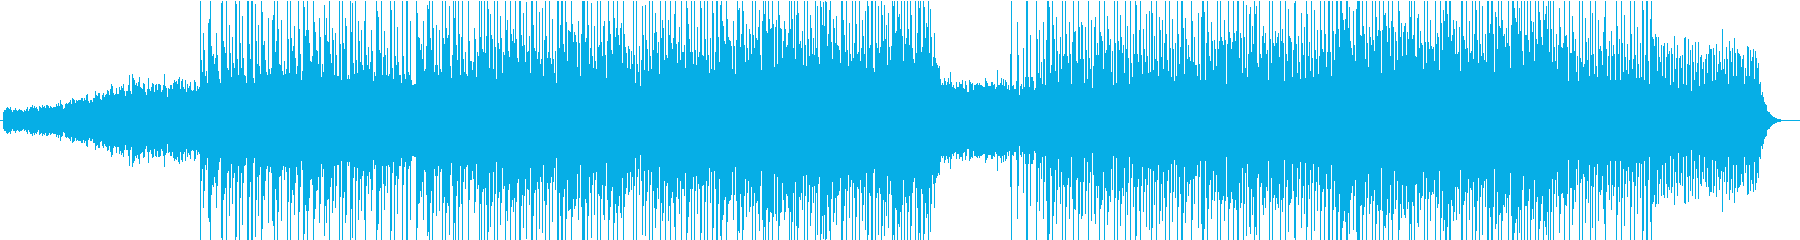 冷たく切なく幻想的なダウンテンポの再生済みの波形